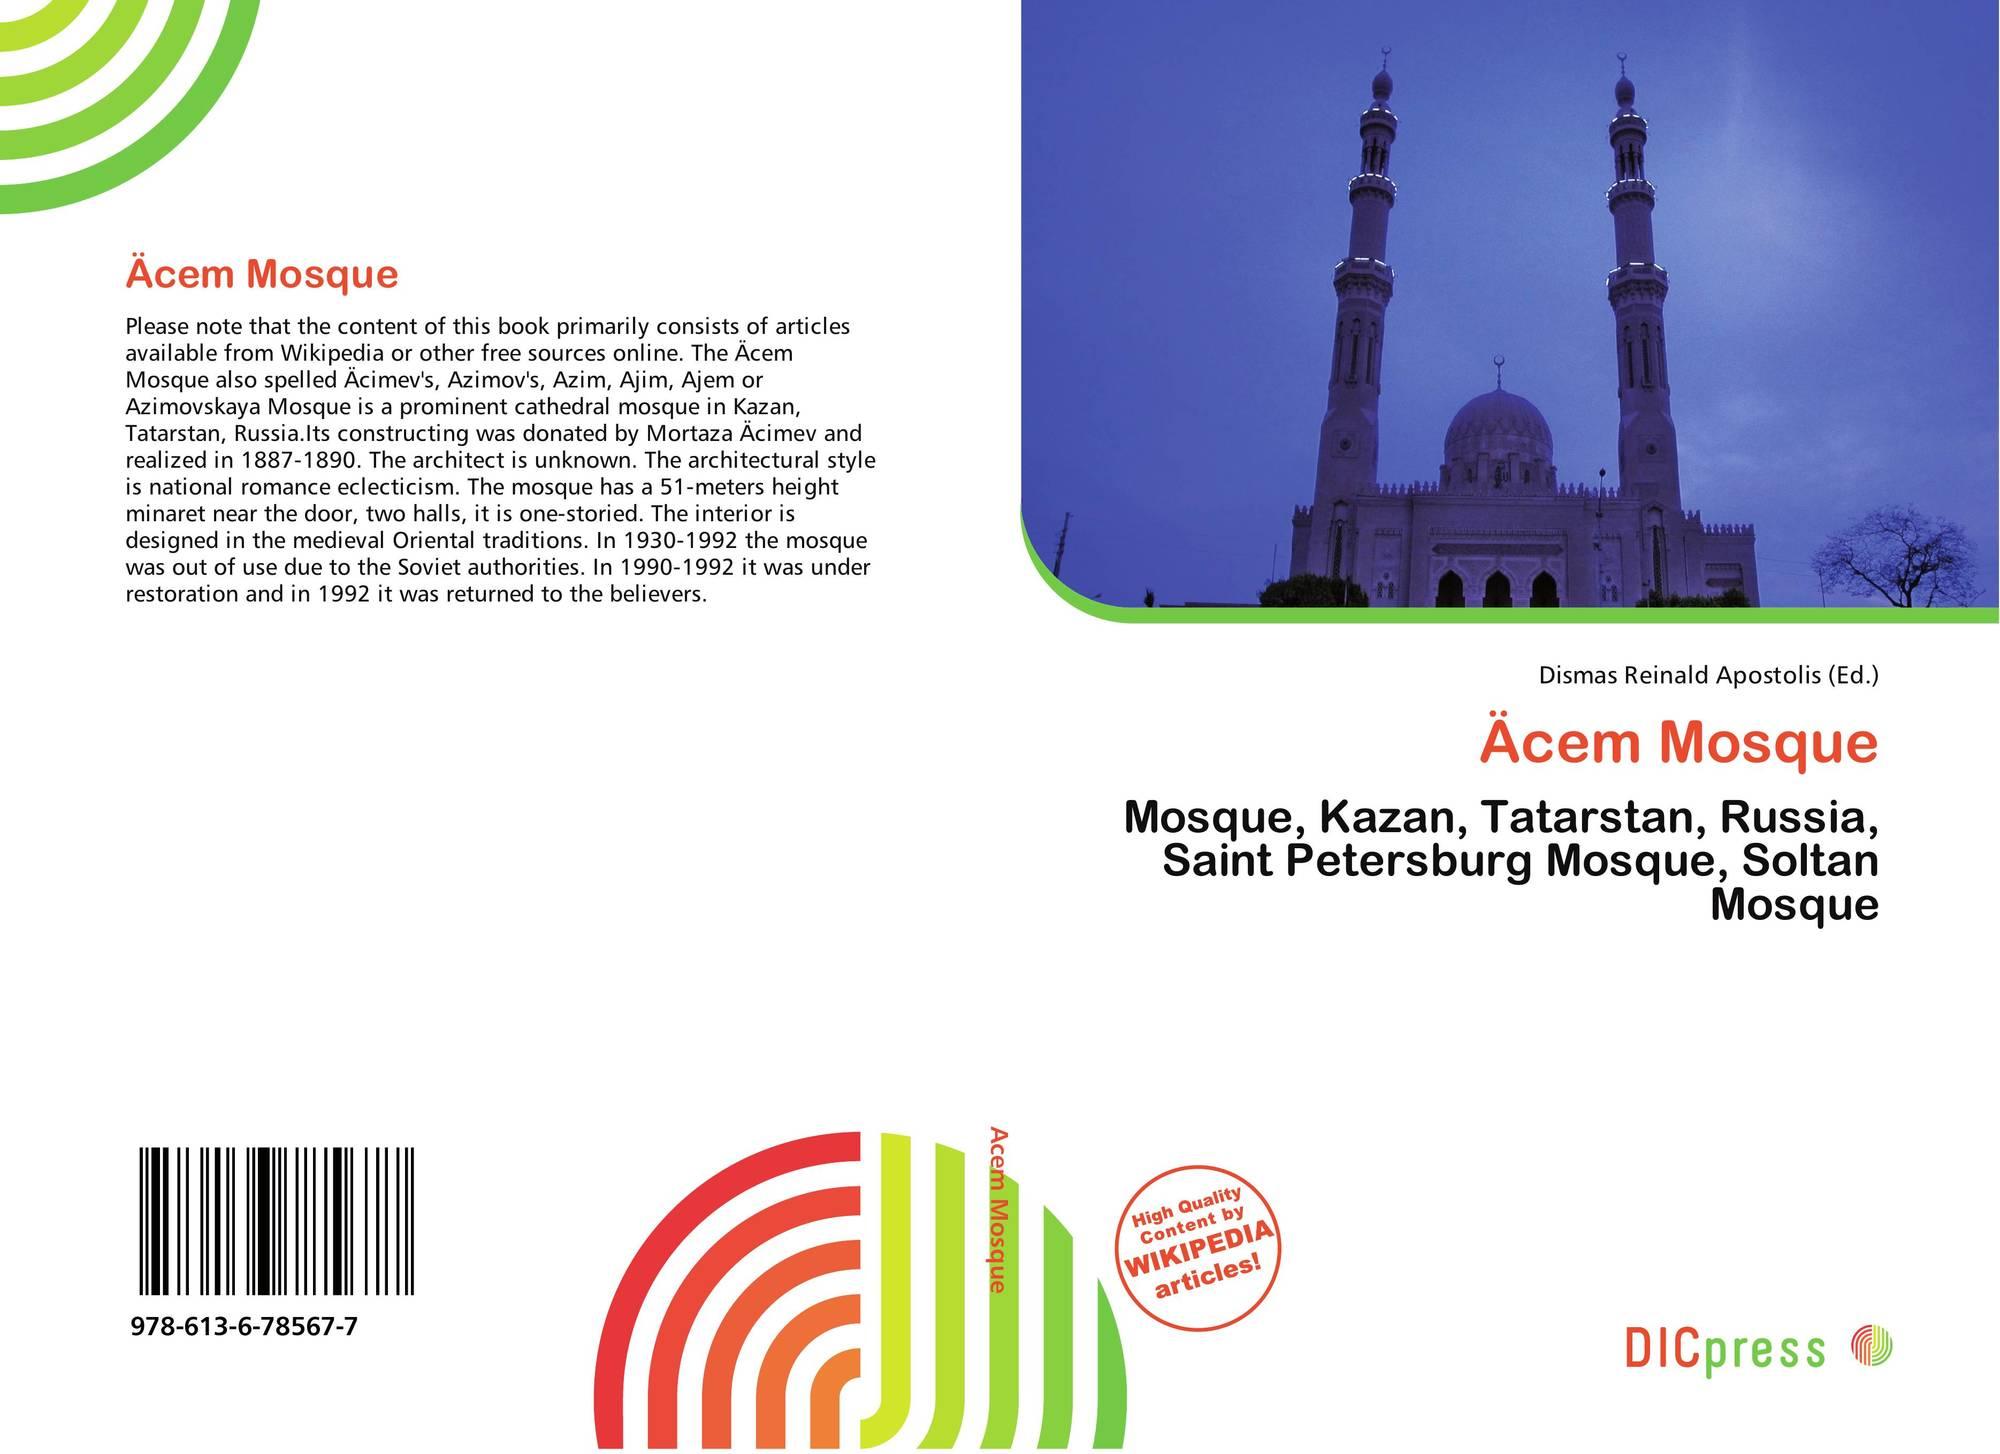 Cem mosque 978 613 6 78567 7 6136785676 9786136785677 9786136785677 altavistaventures Image collections